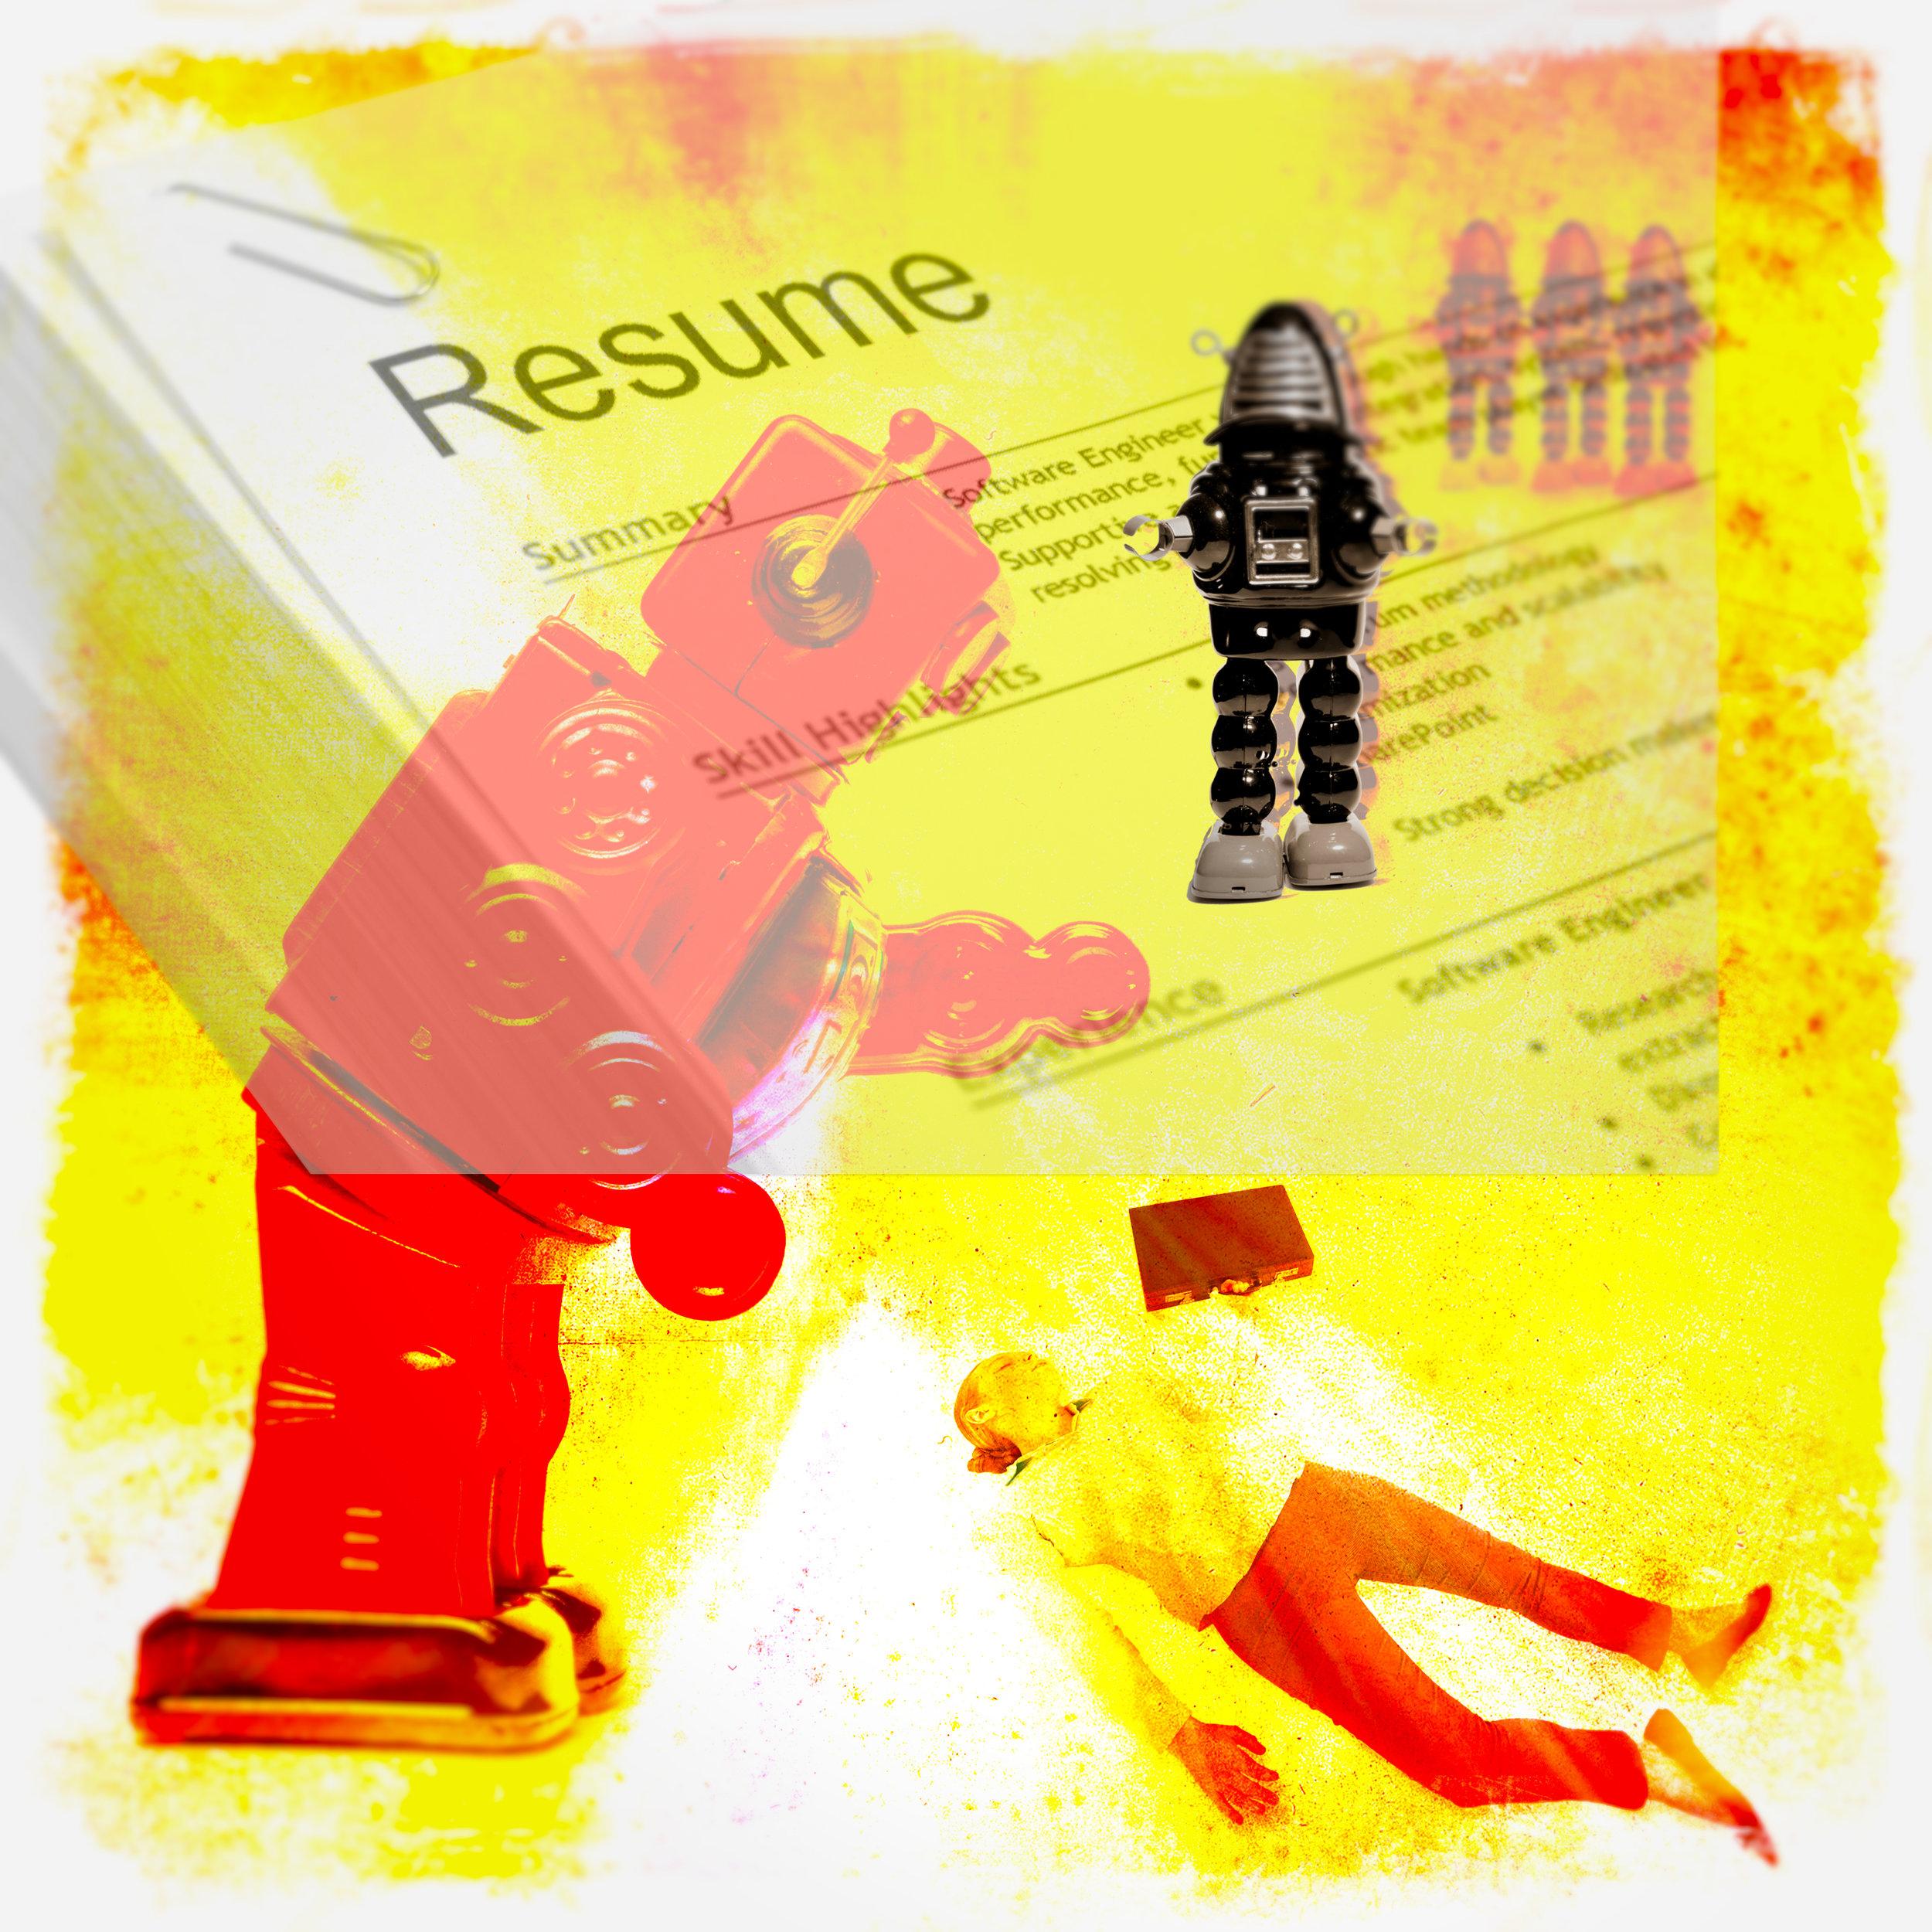 Robots_2_092618.jpeg